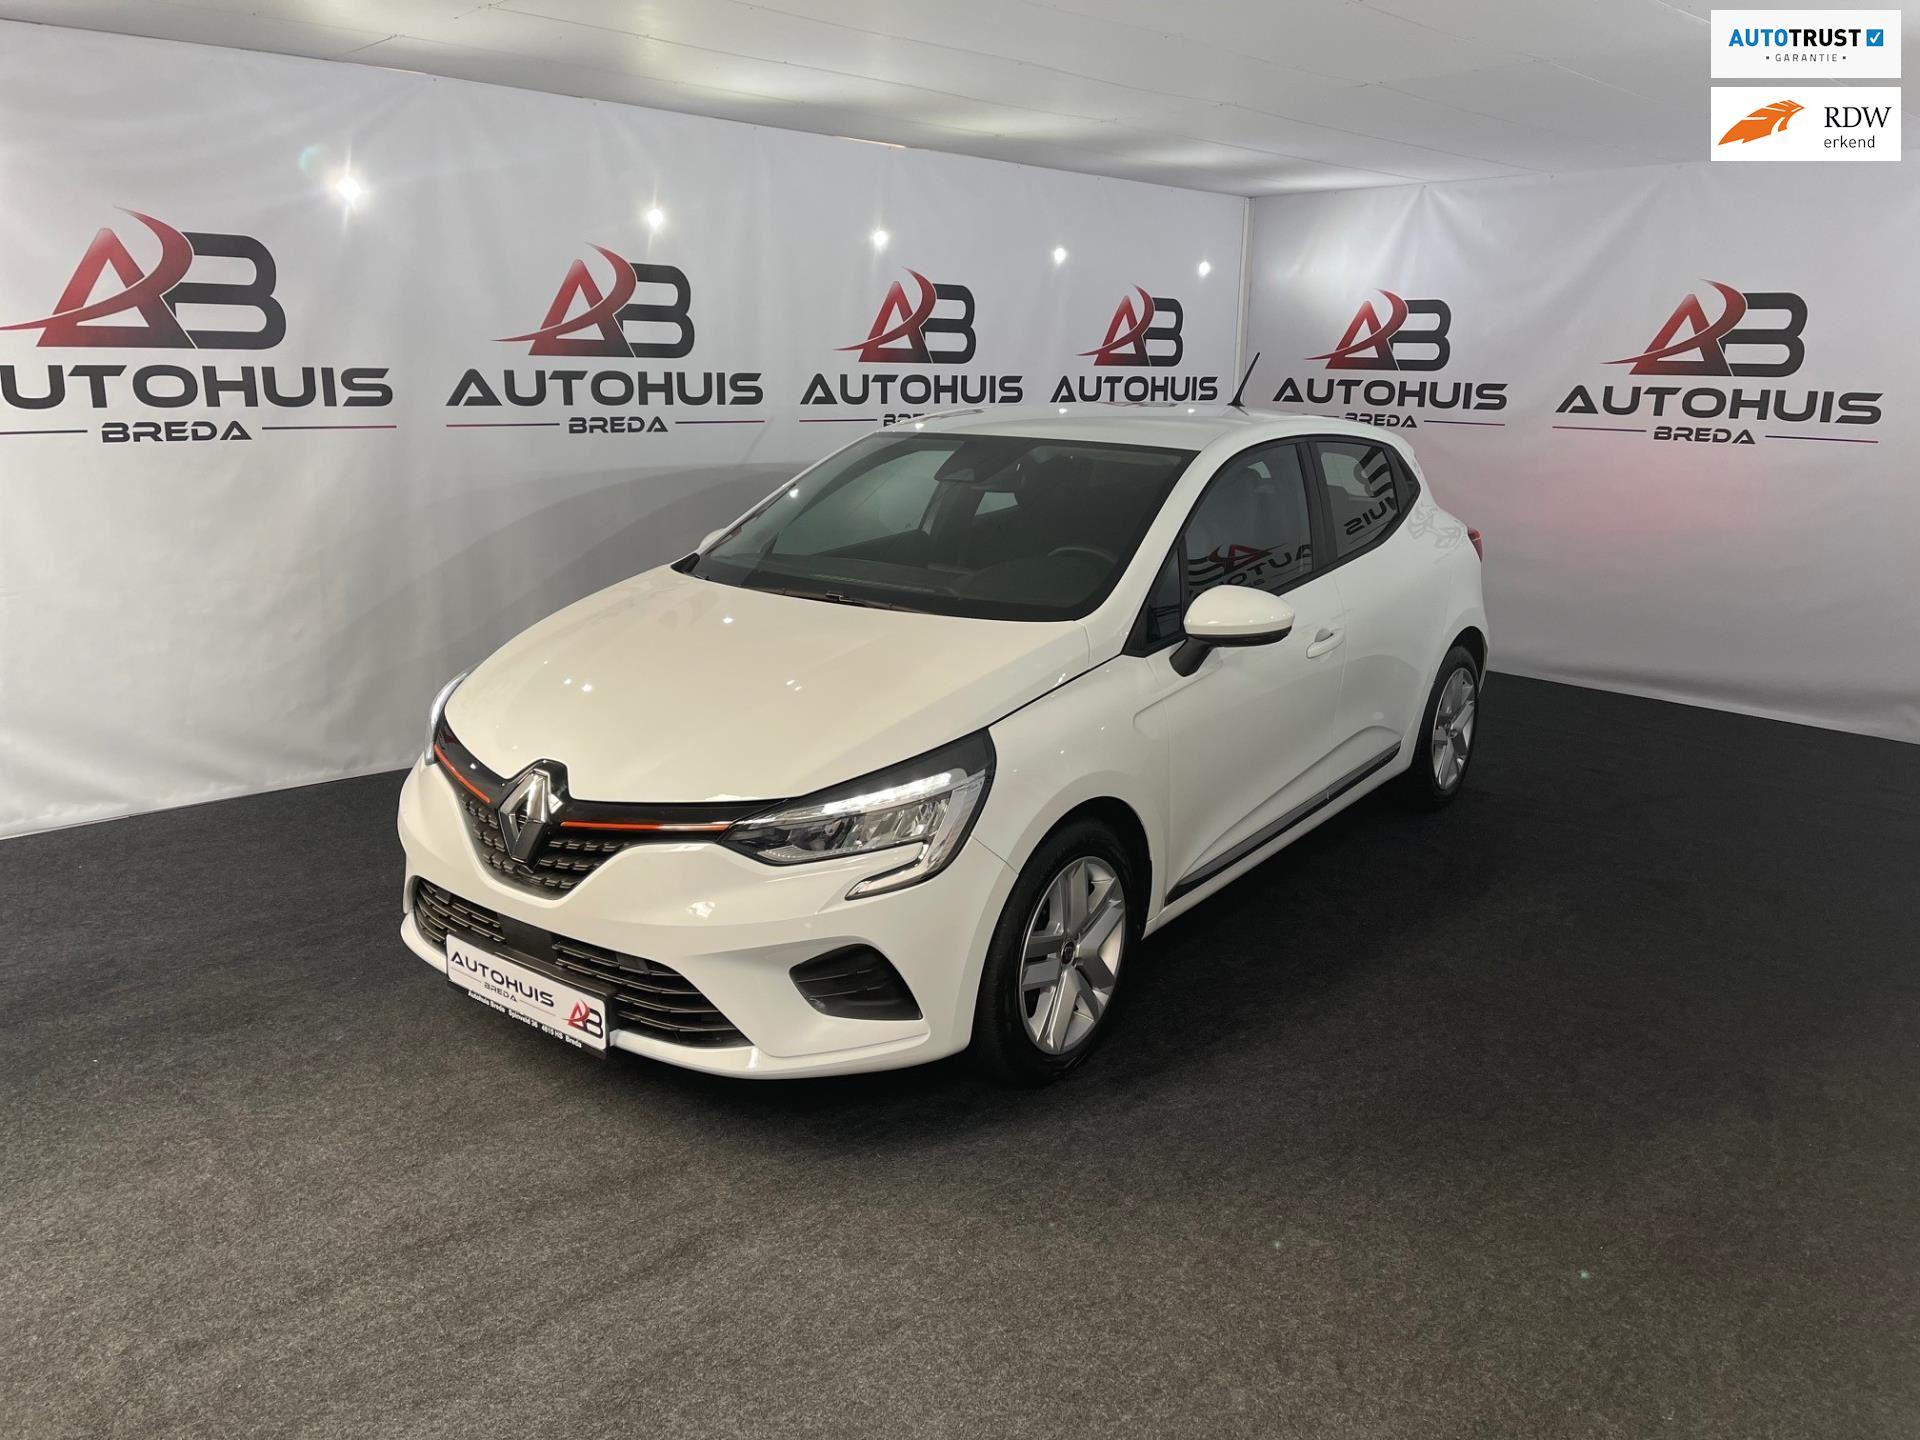 Renault Clio occasion - Autohuis Breda